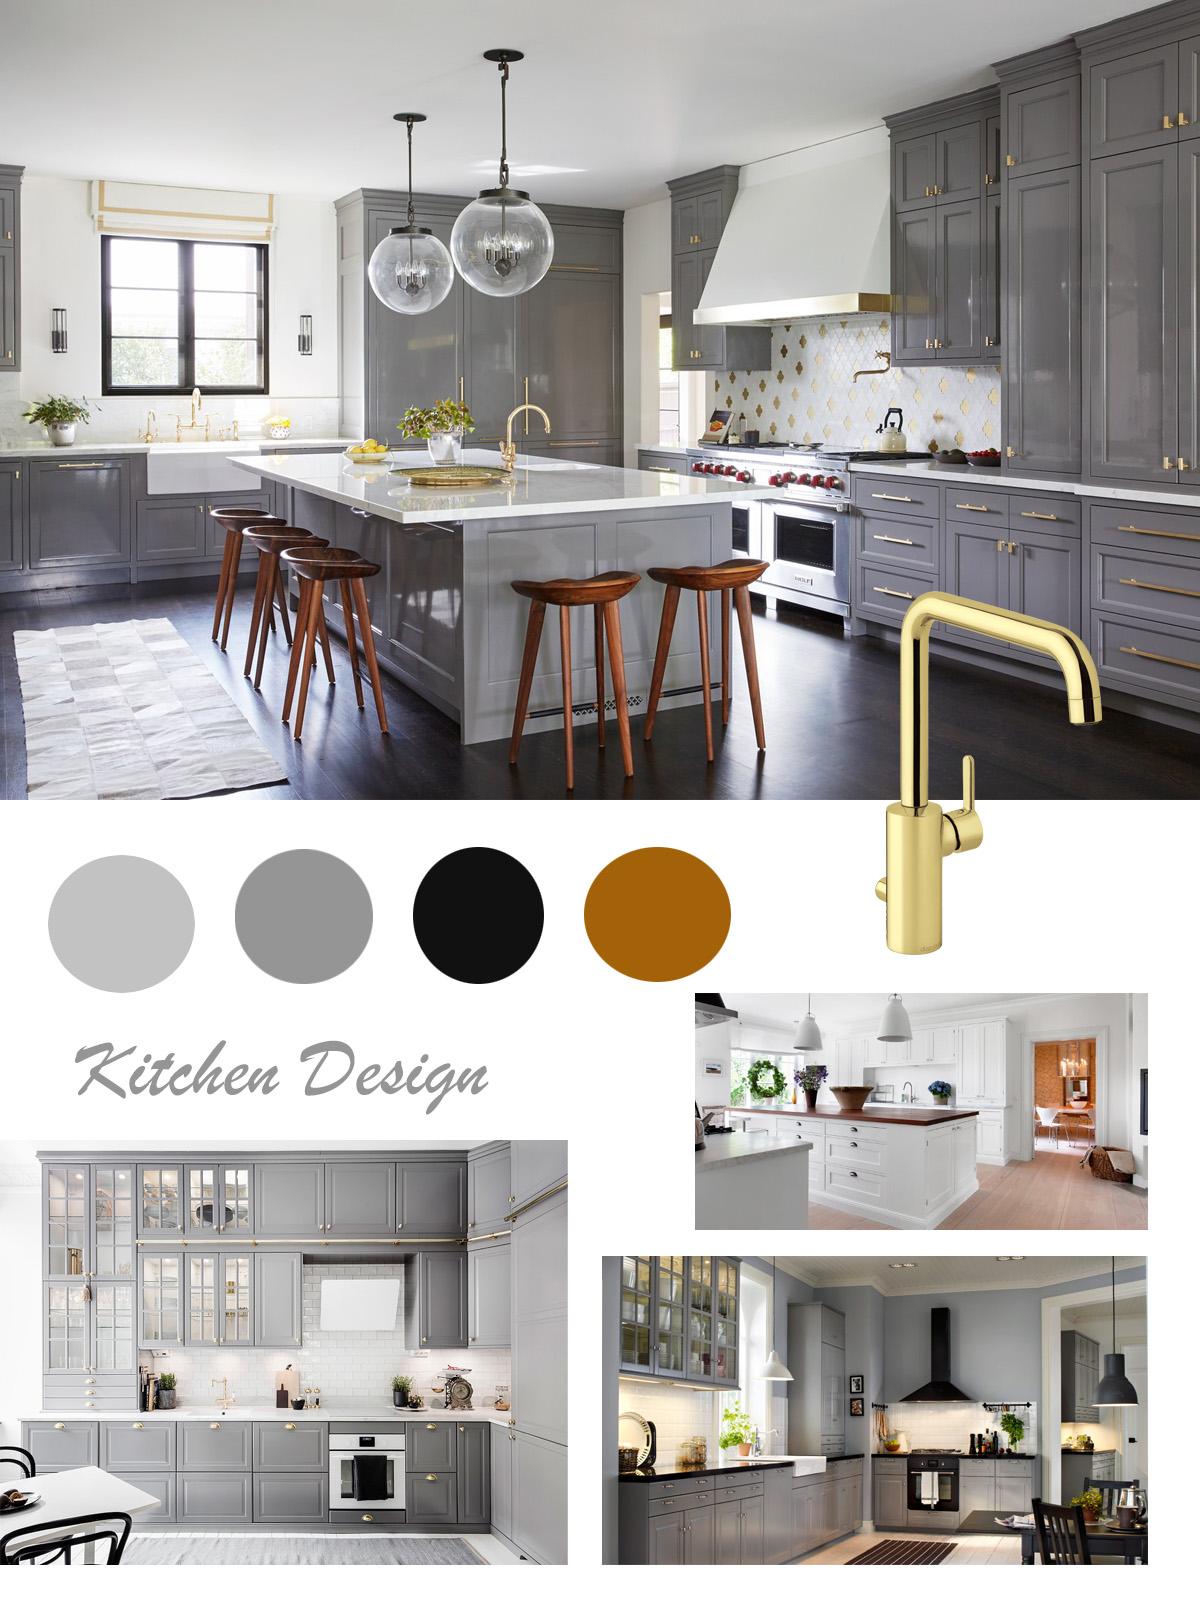 kitchen_design_1.jpg